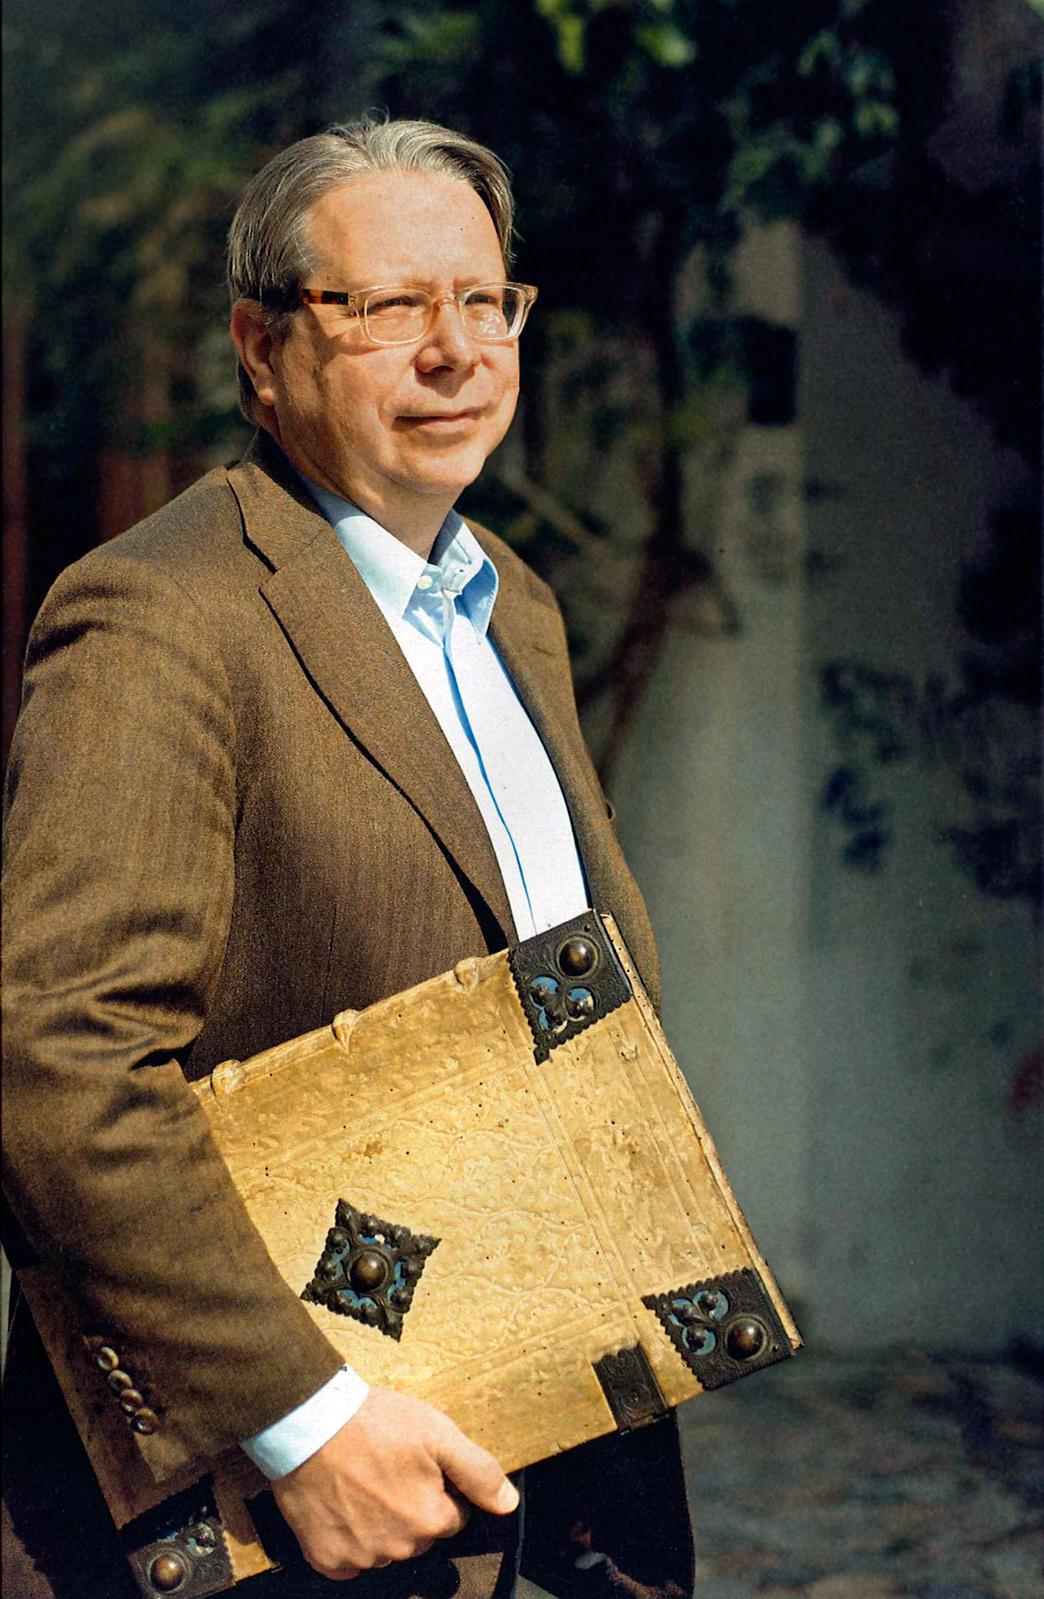 Jörn Günther